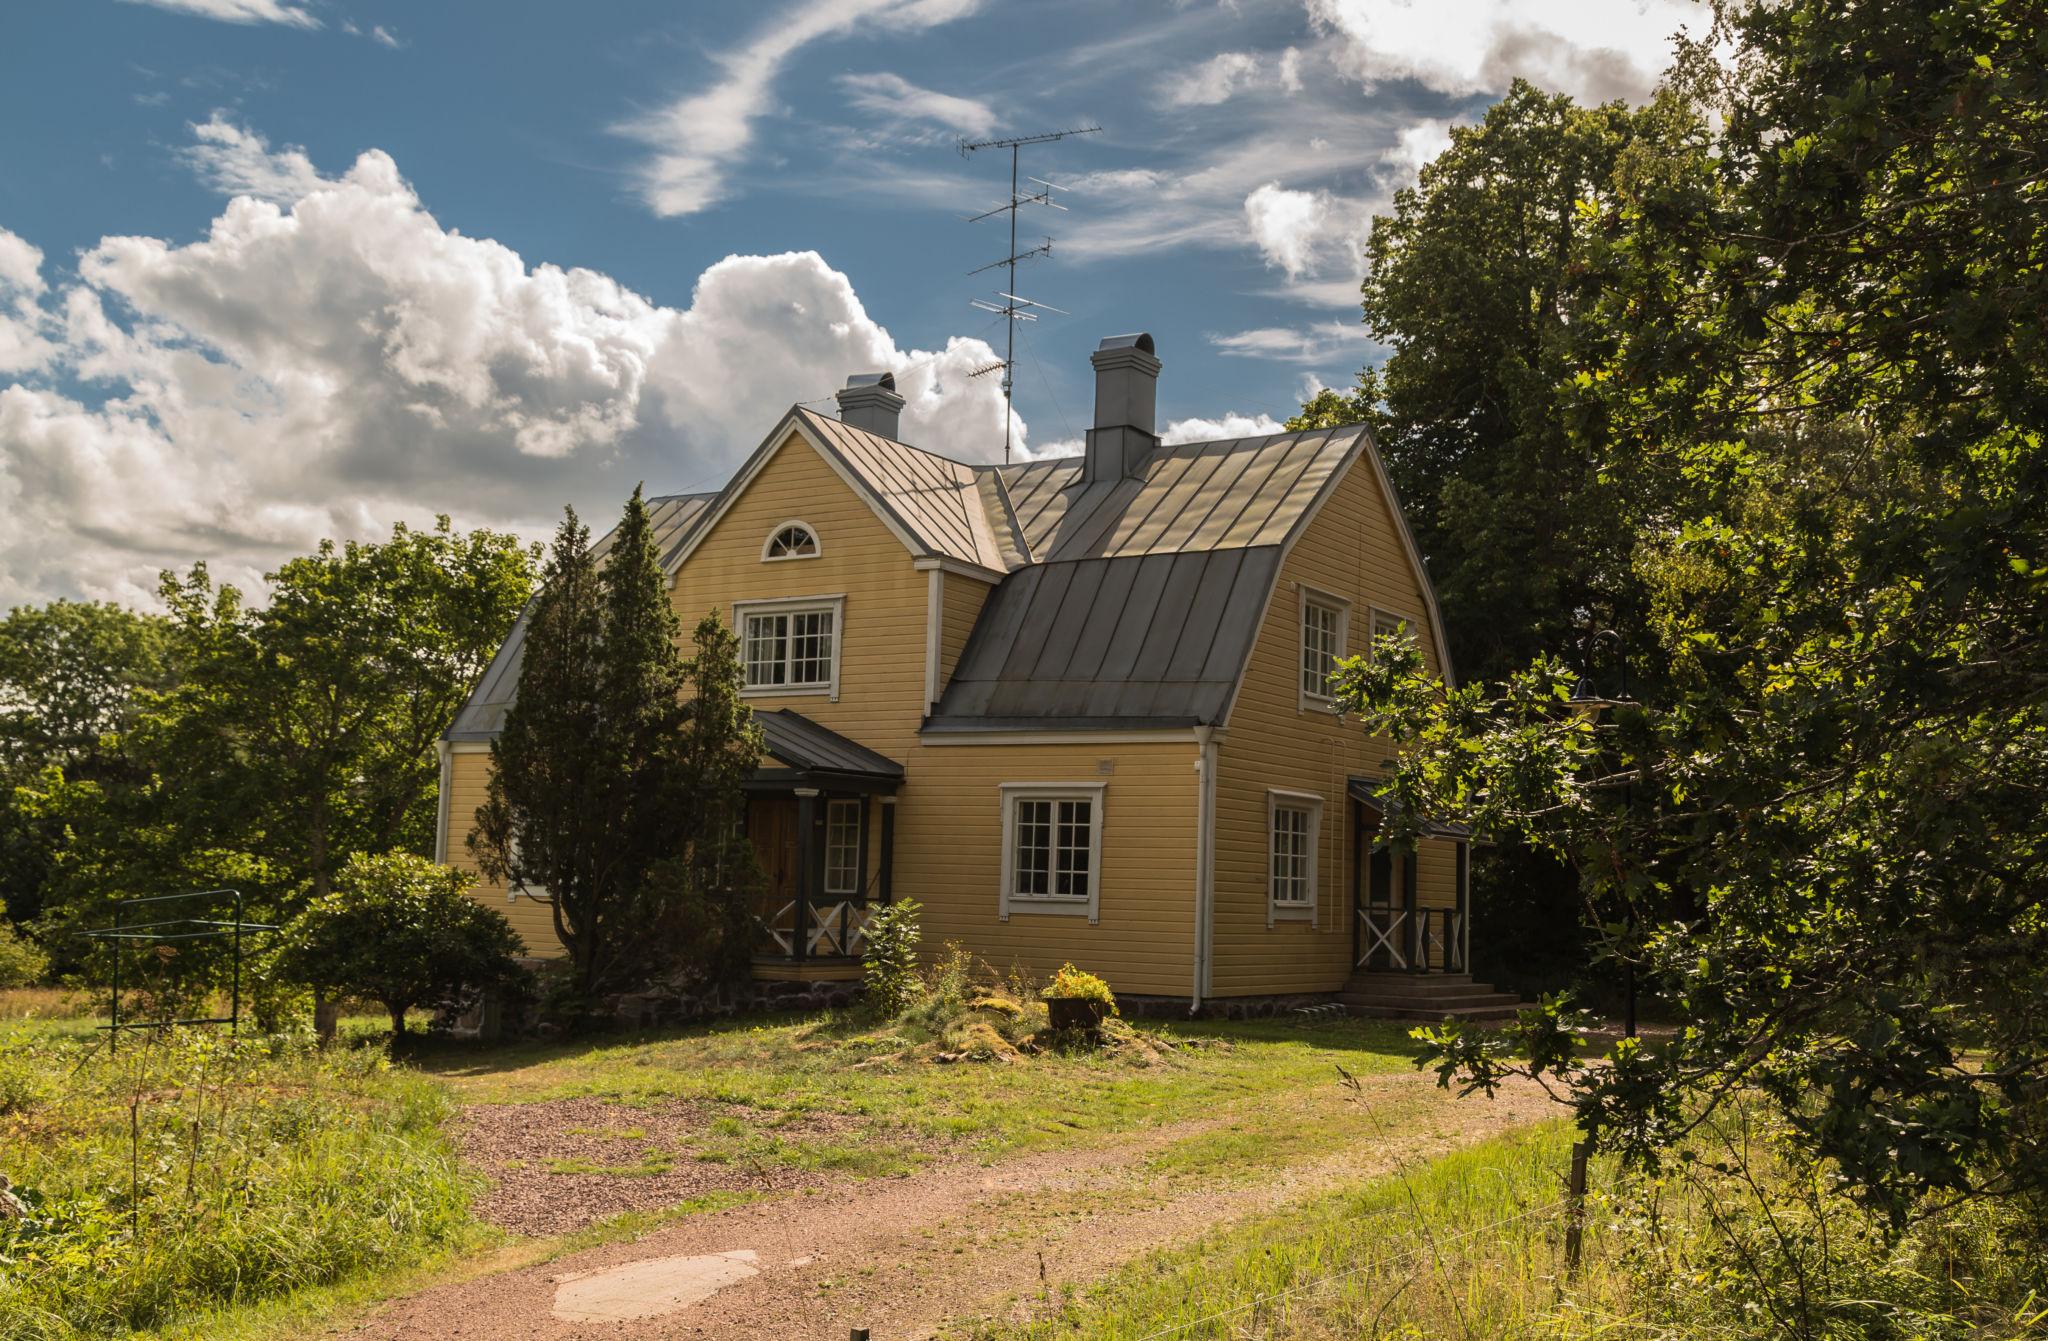 Gula Huset vid Husö biologiska station